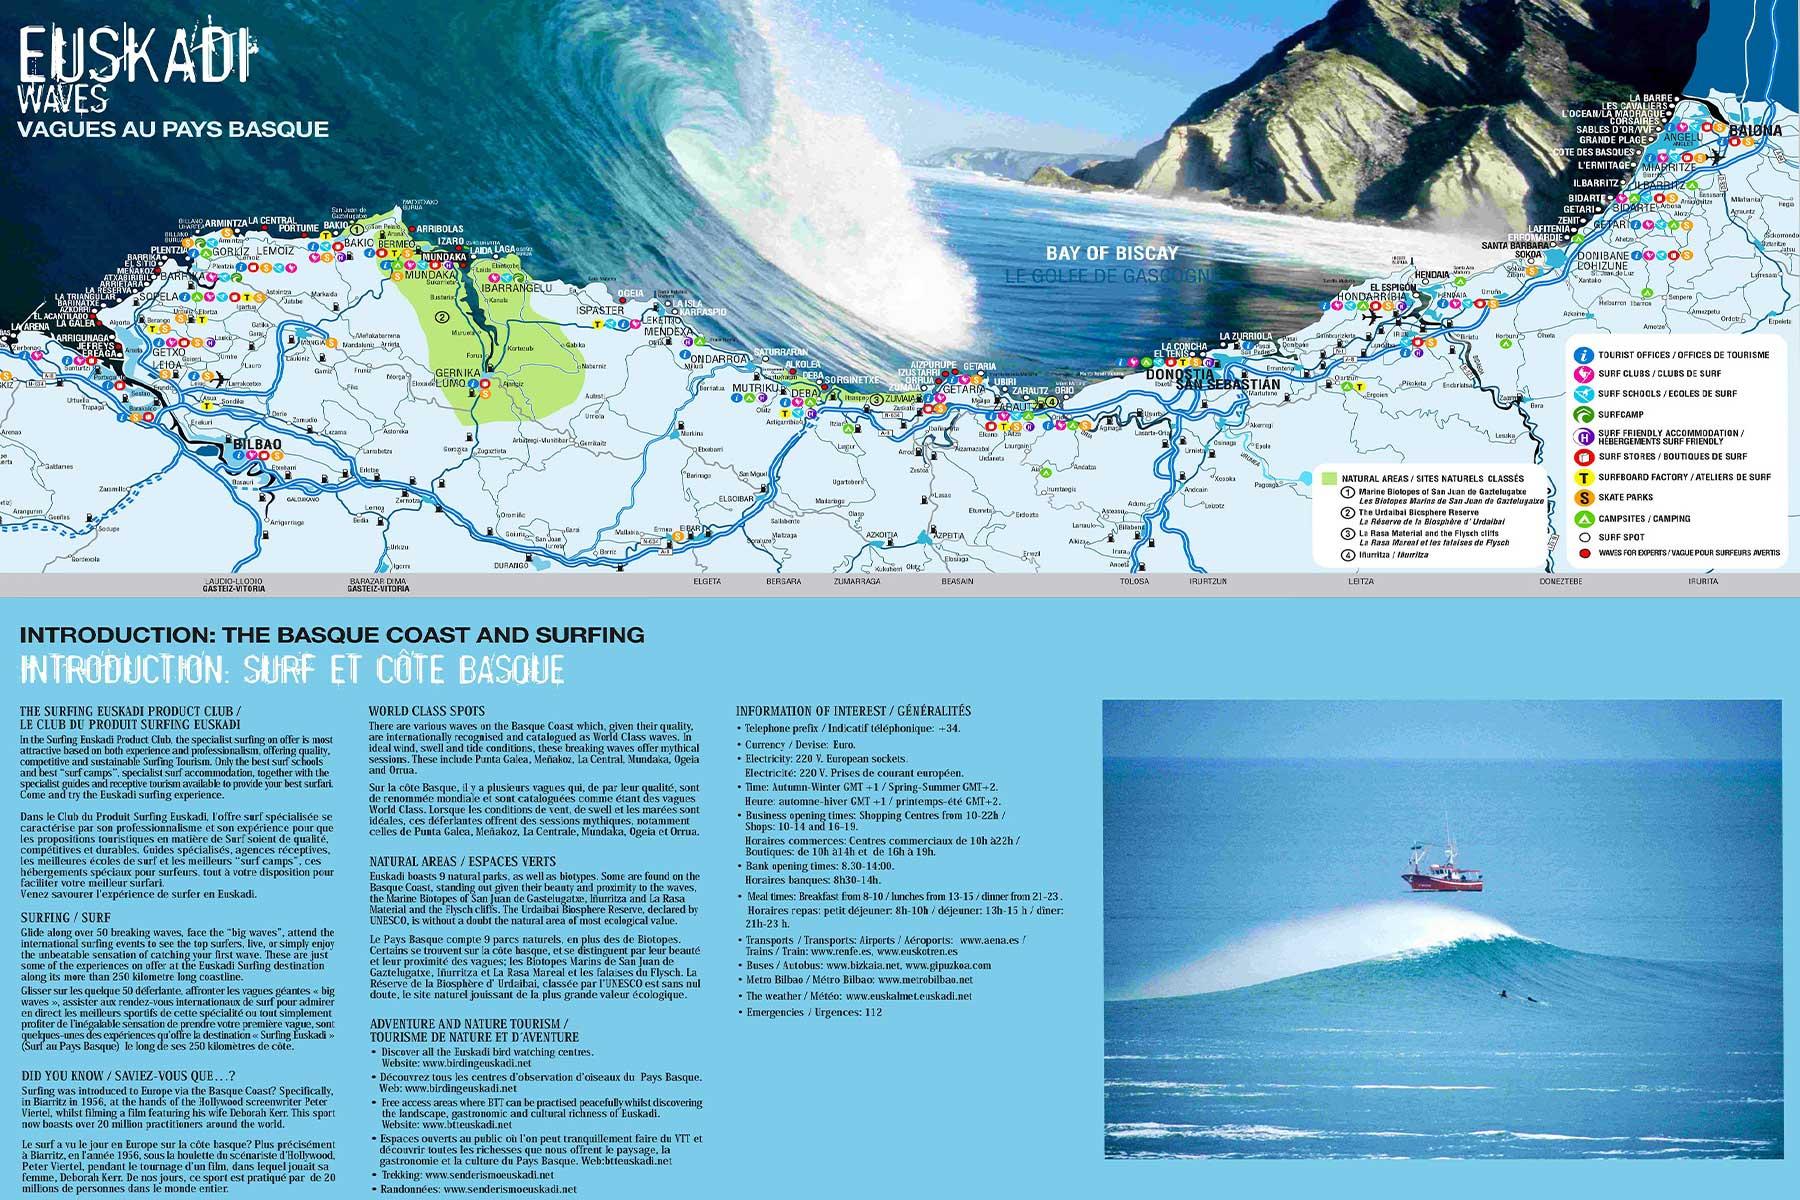 Surfing Spain | Ubiri point break | Karramarro (Crab) Basque | Steven Andrew Martin | Bay of Biscay | Surfing the Basque Coast, Spain